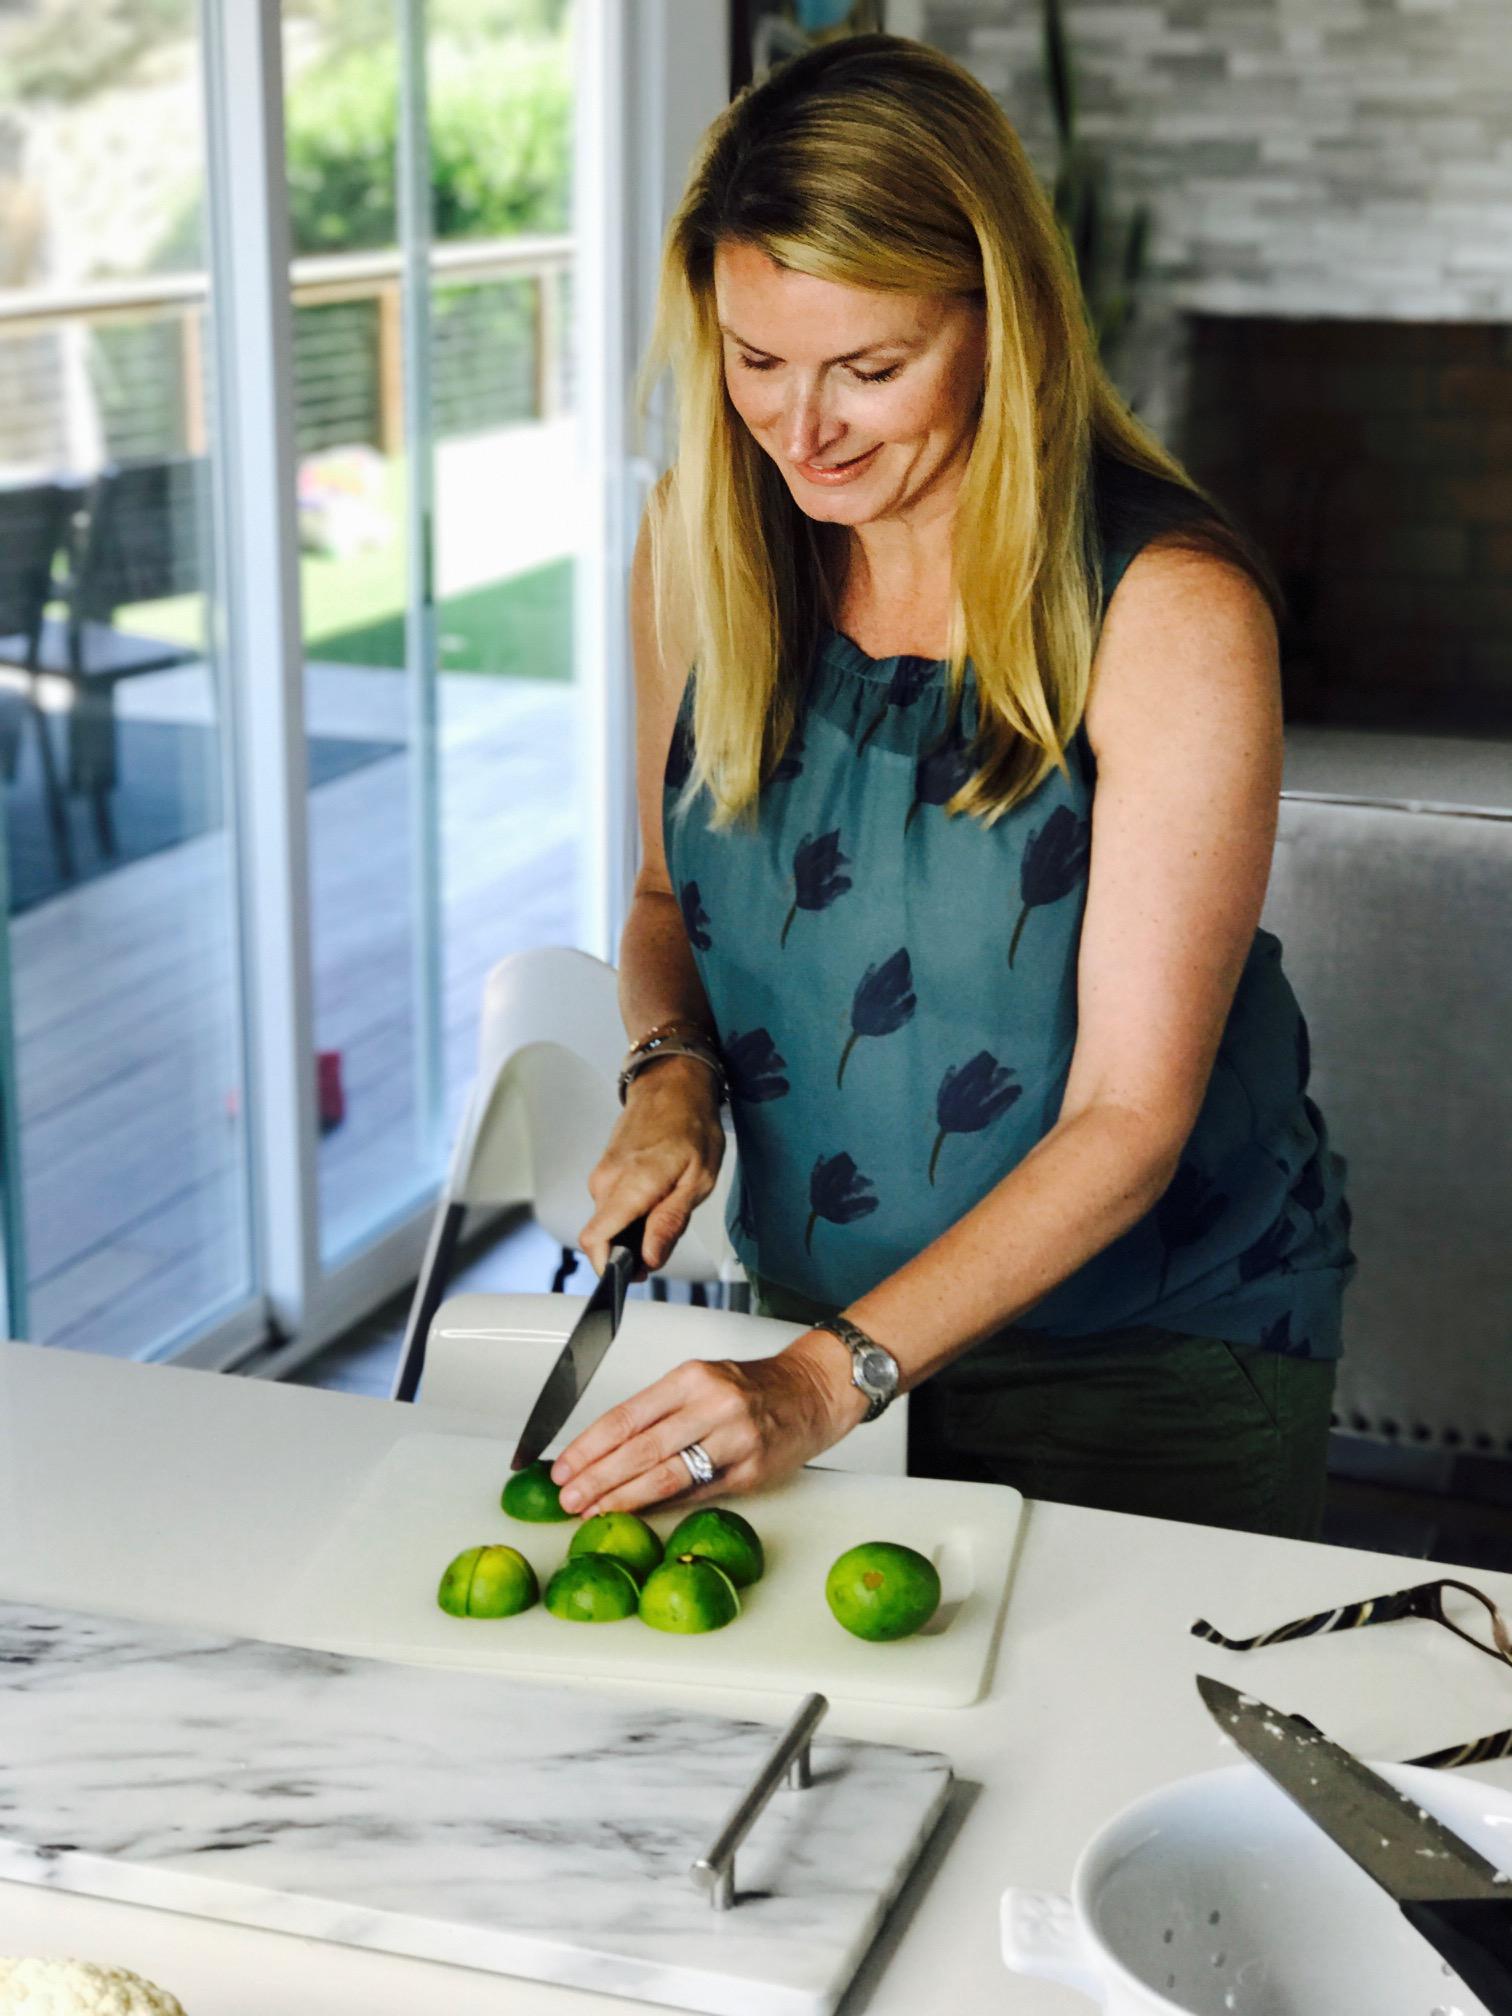 My Nashville girl  Jennifer Solum  prepping some limes!! Where's the margarita???? LOL!